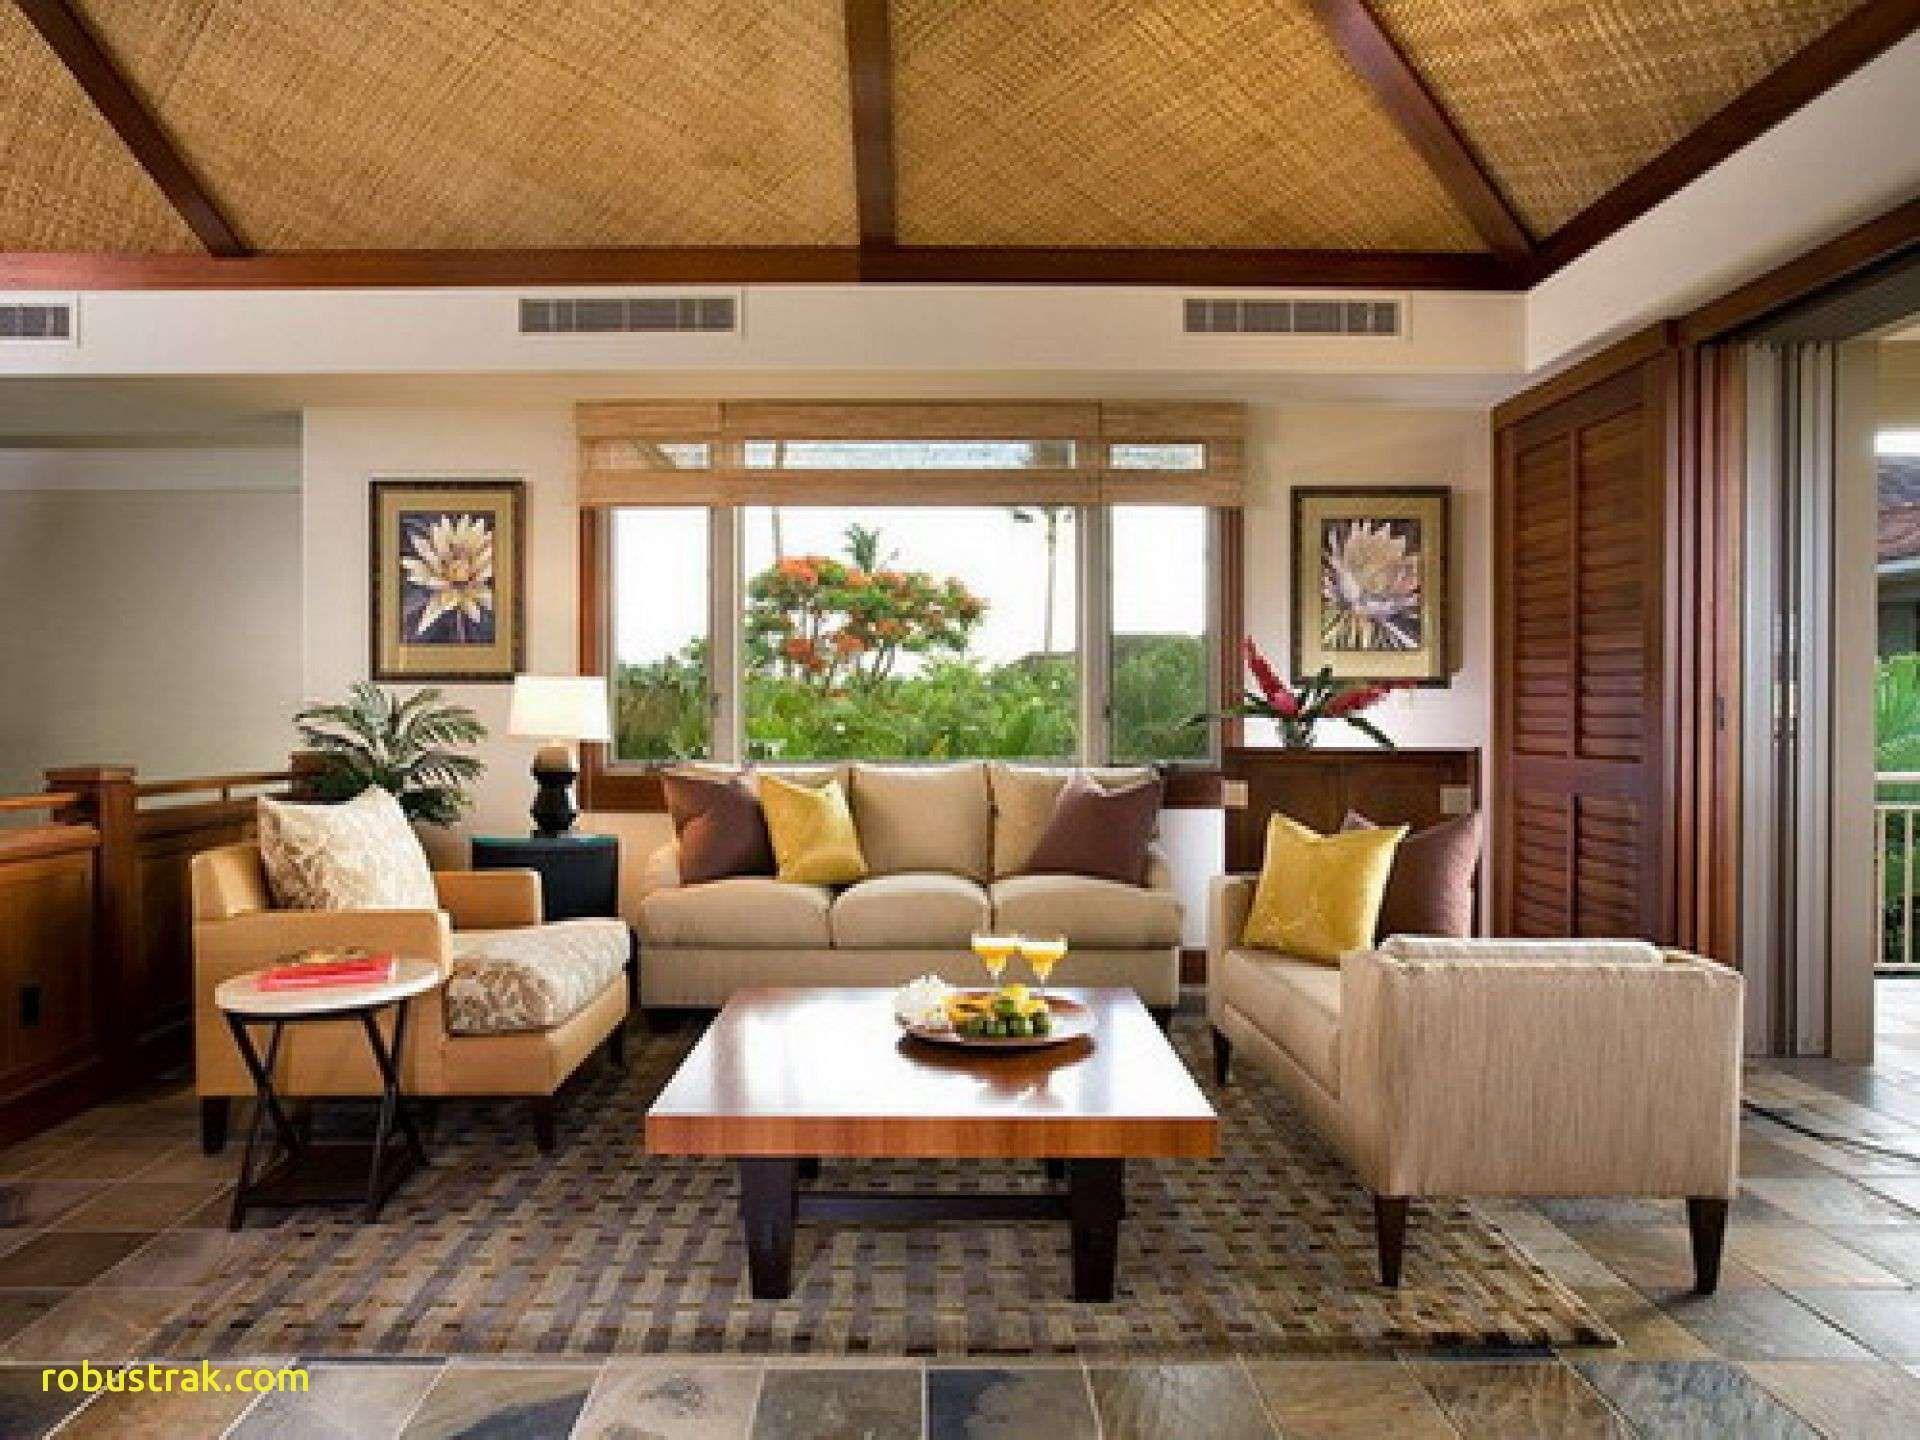 Inspirational Tropical Interior Design Homedecoration Homedecoration Tropical Living Room Tropical Interior Design Living Rooms Tropical Decor Living Room